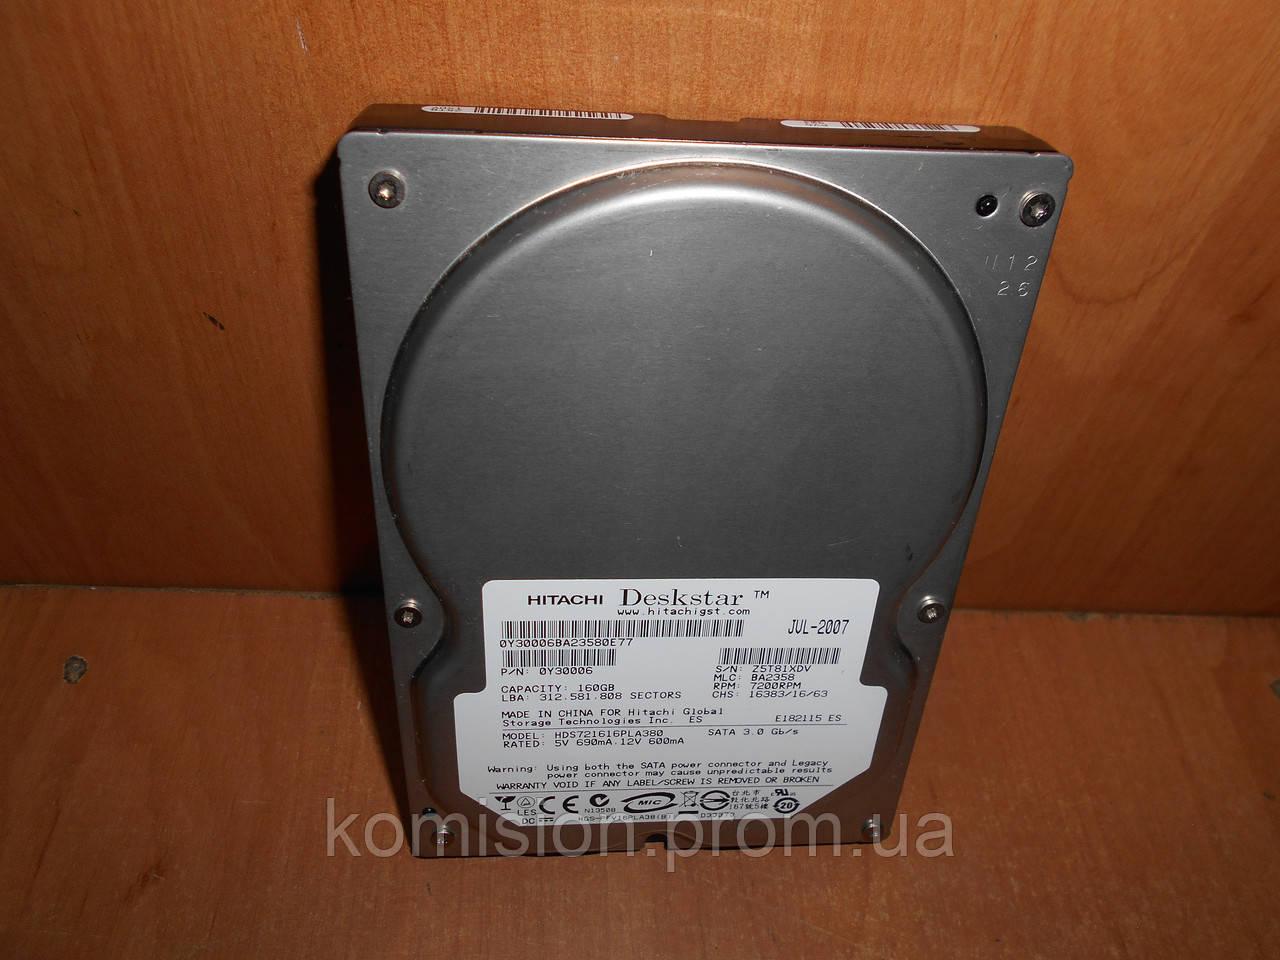 """Жорсткий диск 3,5"""" Hitachi 160 Gb SATA для комп'ютера (уцінка)"""